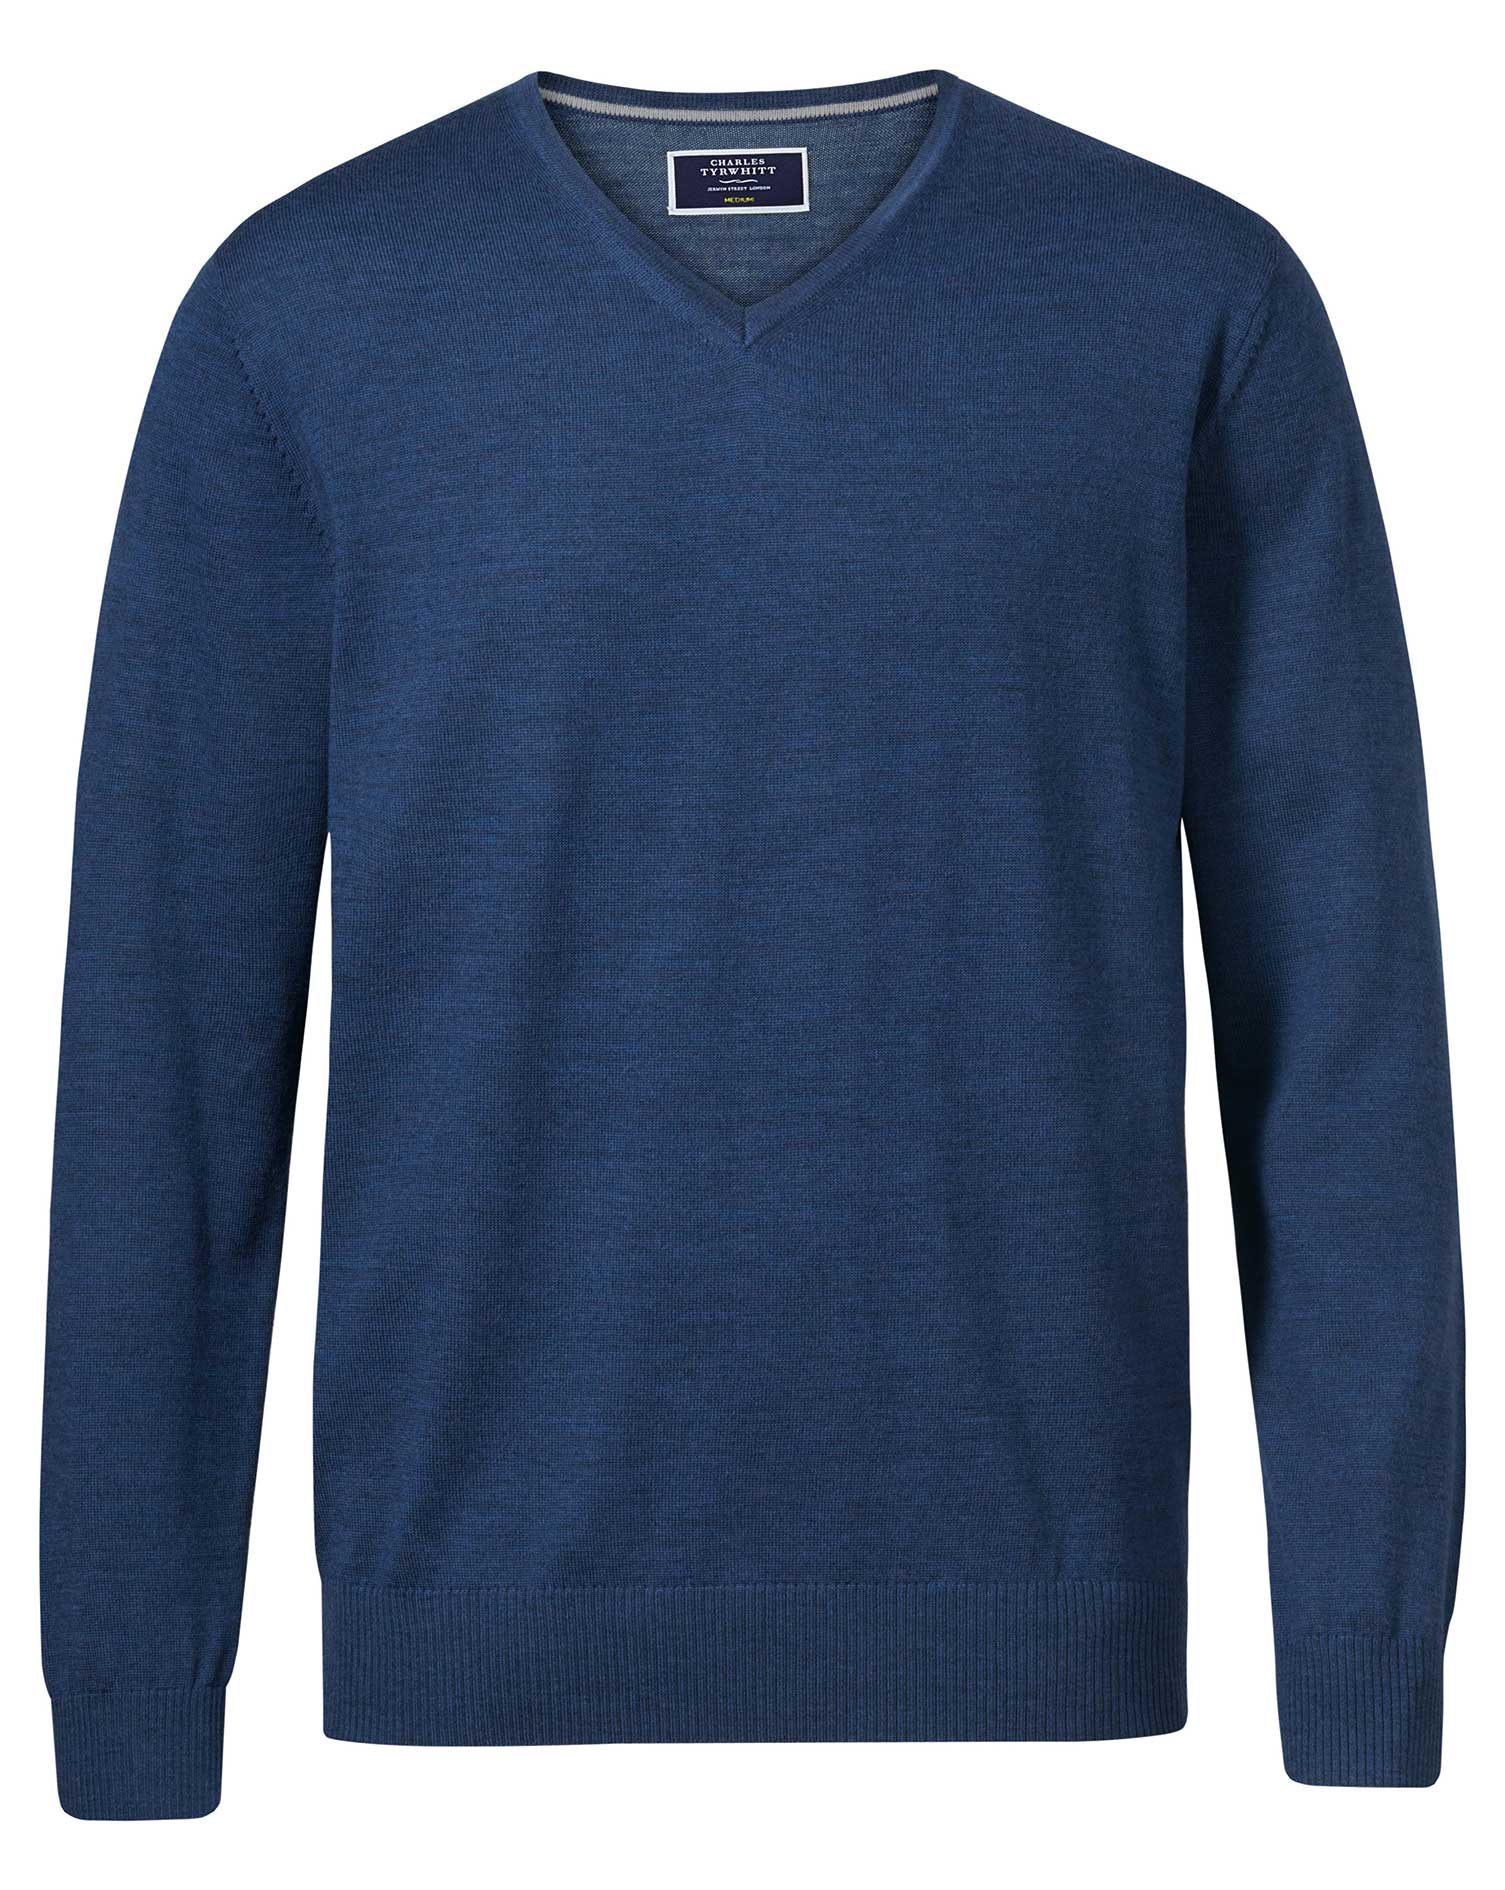 Mid Blue Merino Wool V-Neck Jumper Size Large by Charles Tyrwhitt